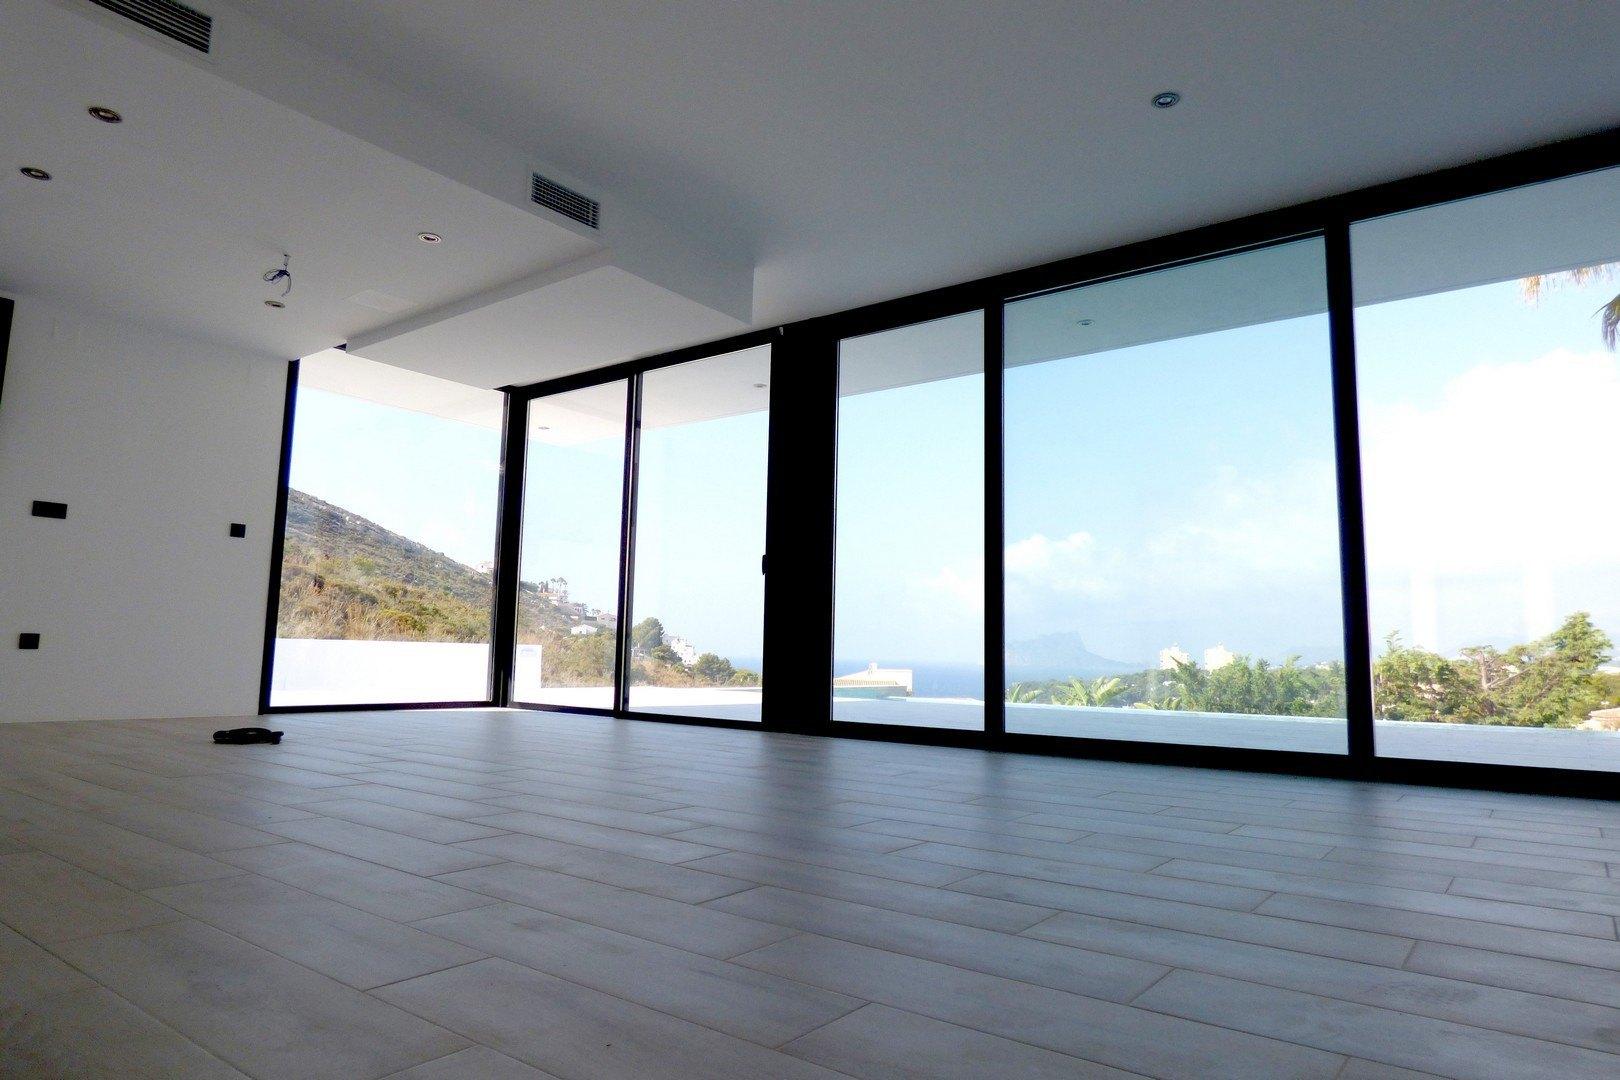 Fotogallerij - 4 - Build a villa in Moraira: villas for sale in Moraira